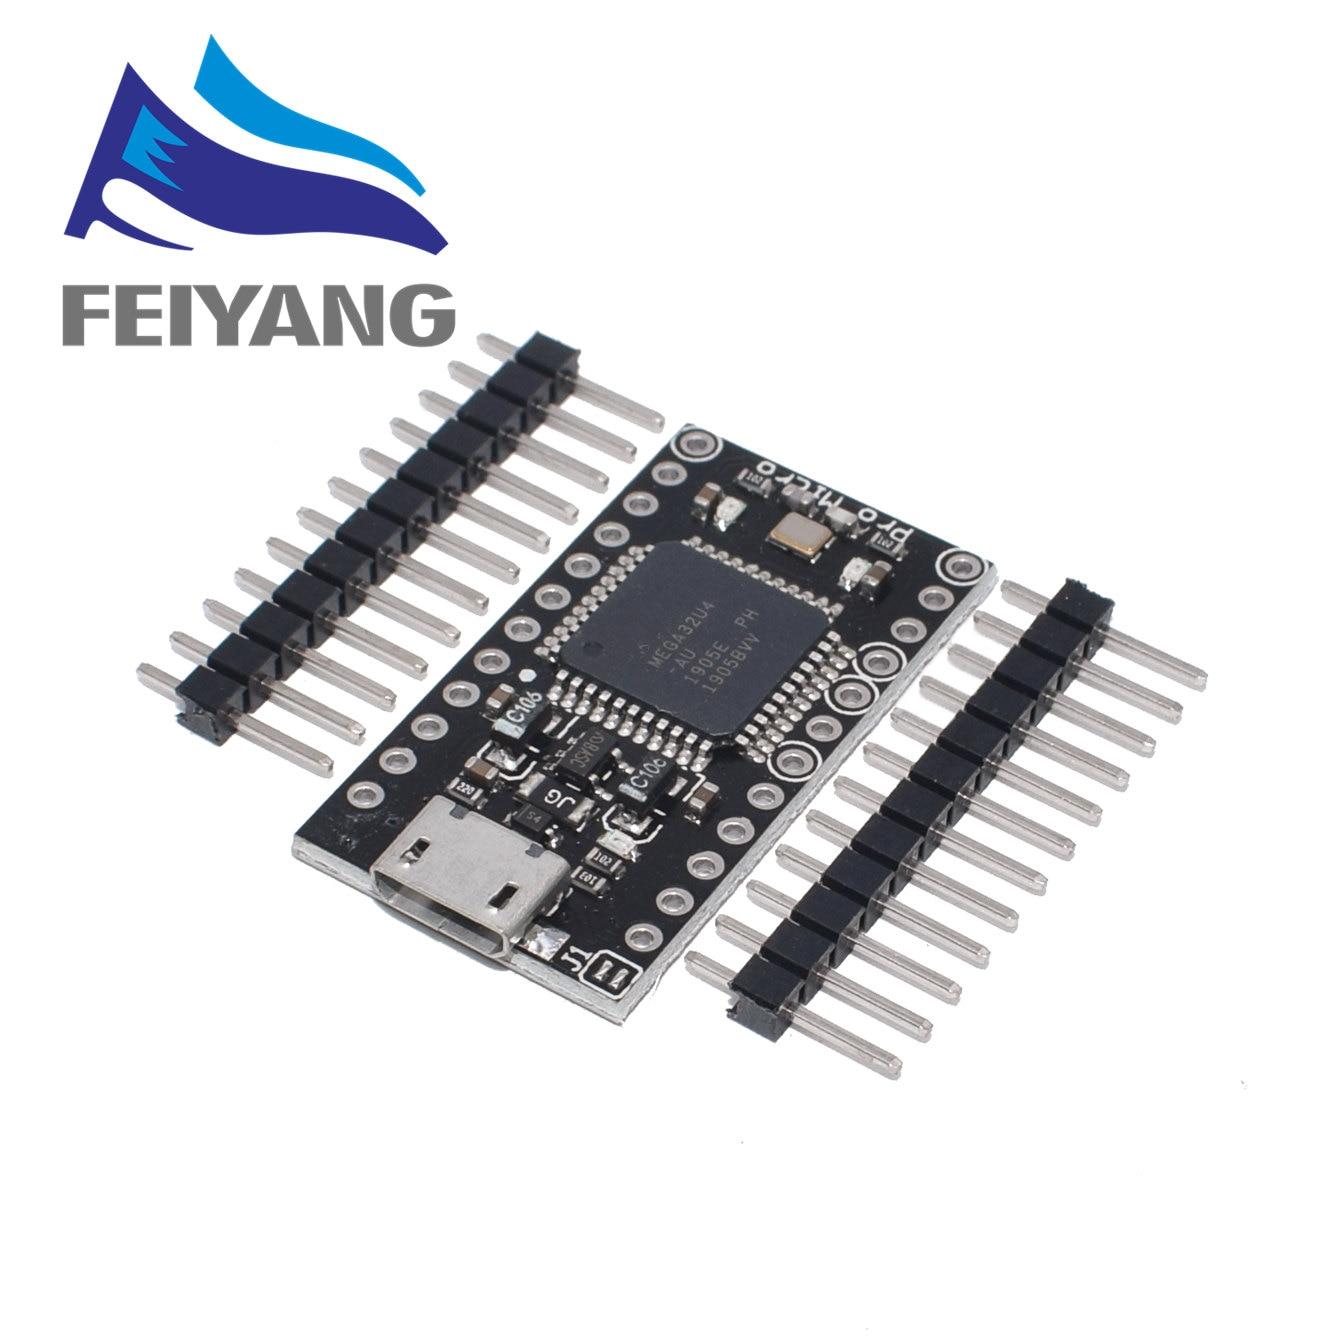 10pcs With the bootloader New Pro Micro ATmega32U4 ATMEGA32U4 AU 5V 16MHz Module controller